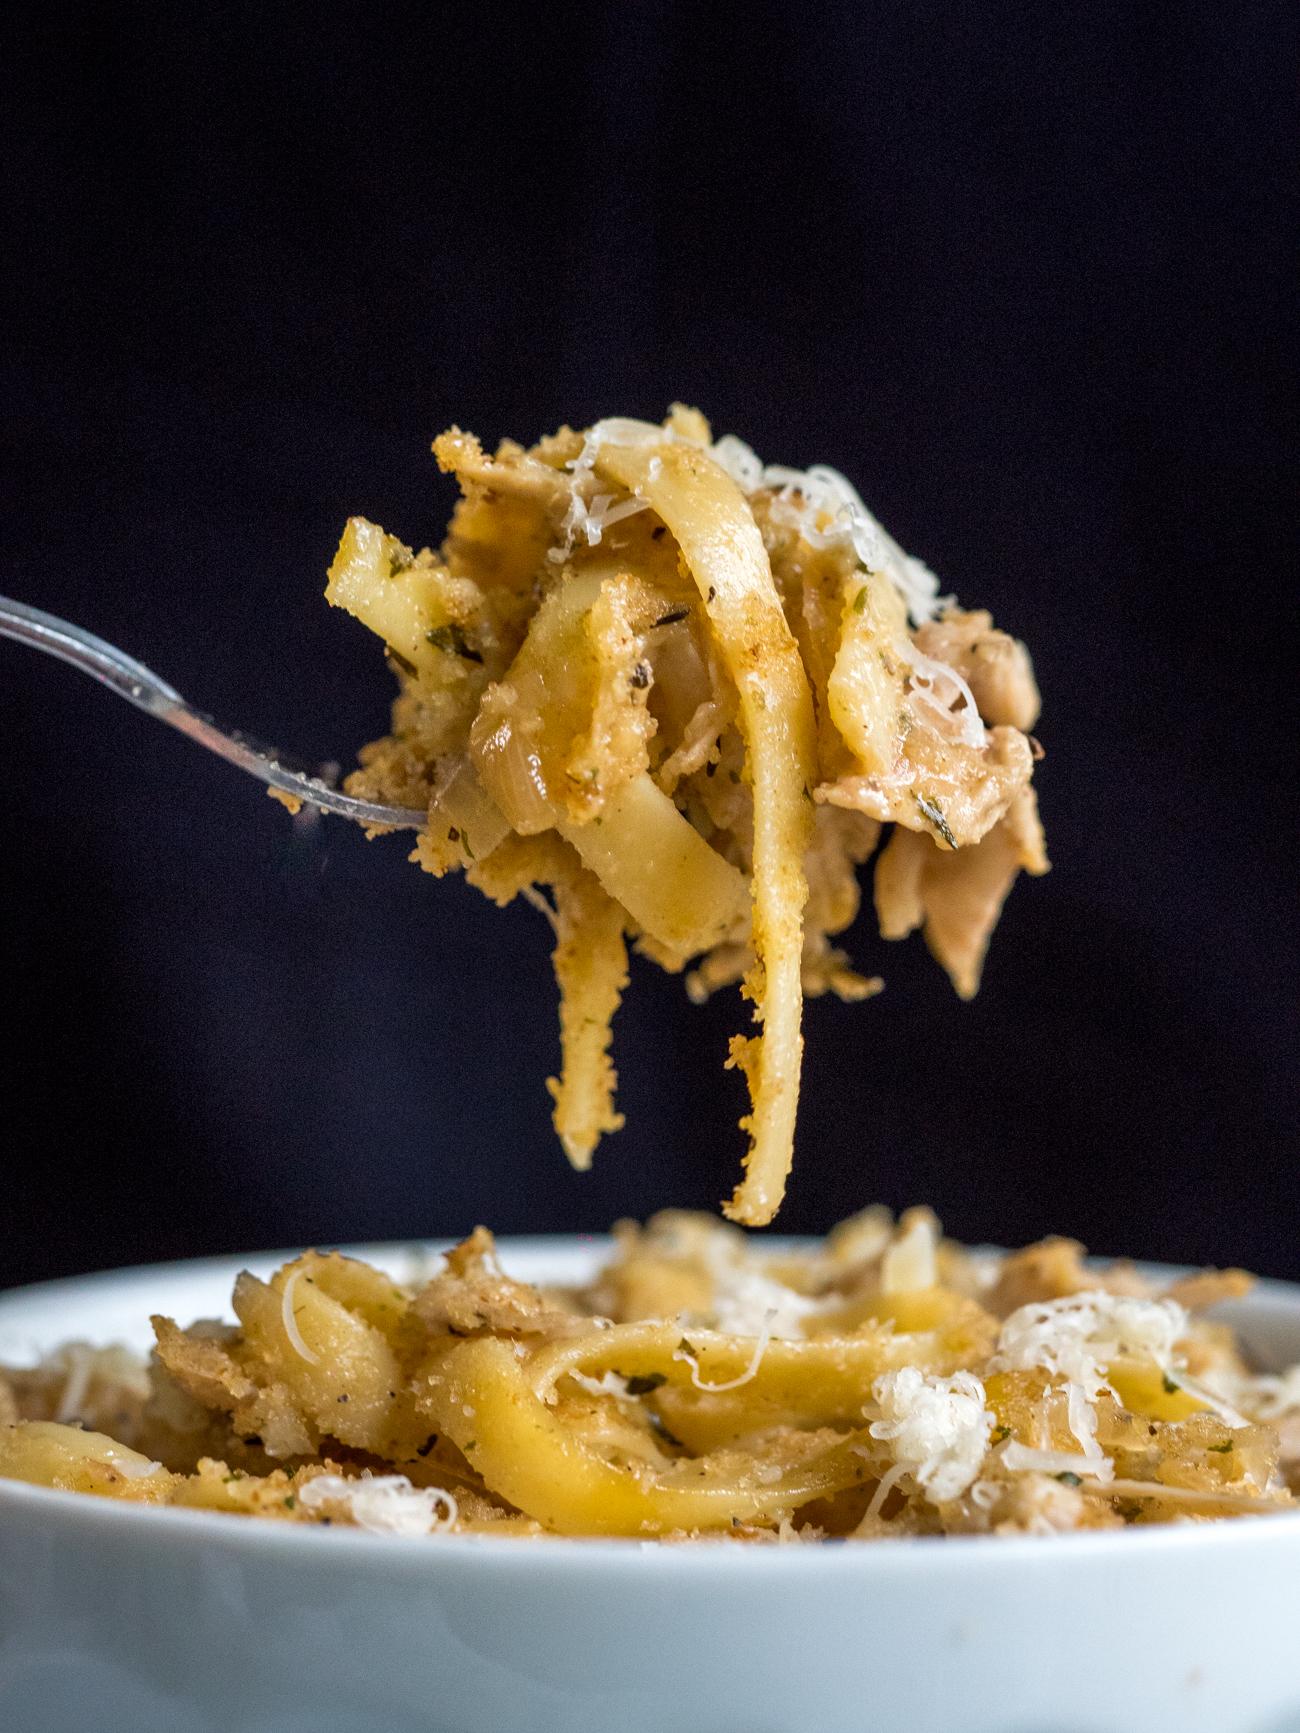 French Onion Chicken Pasta Casserole Vertical 5